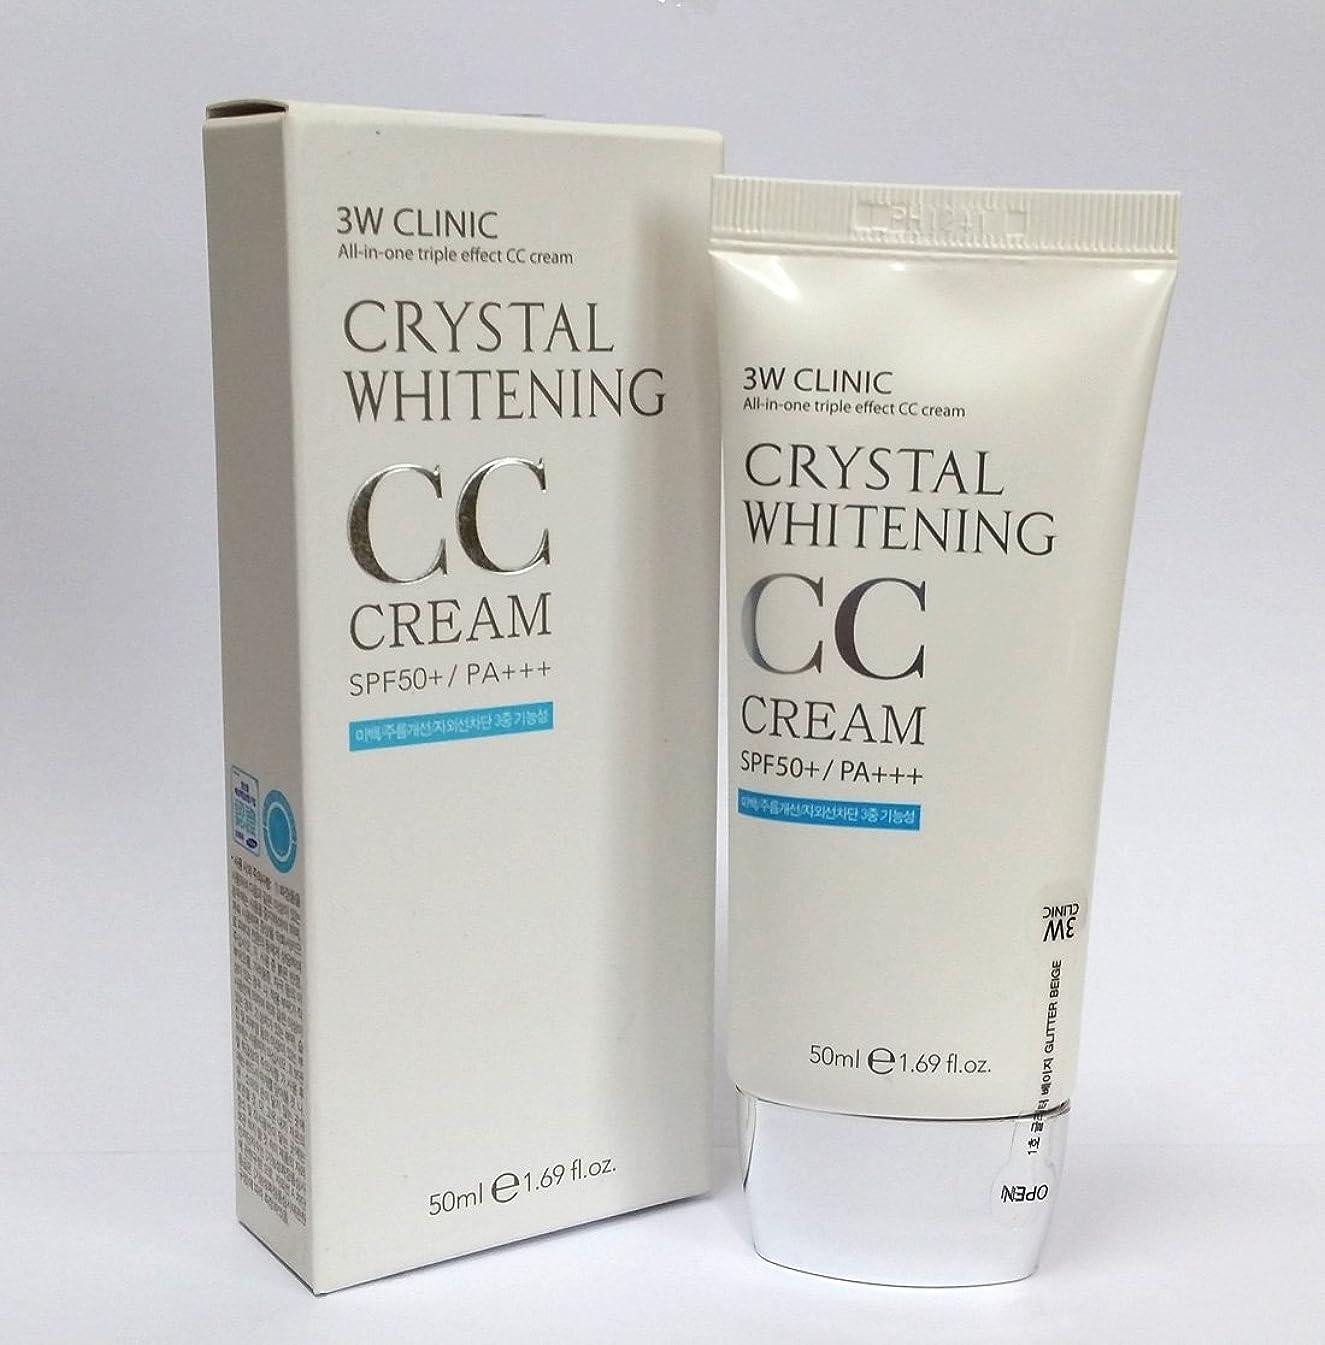 群衆キャンペーン見ました[3W CLINIC] クリスタルホワイトニングCCクリーム50ml SPF50 PA +++ / #02 Natural Beige / Crystal Whitening CC Cream 50ml SPF50 PA+++ / #02 Natural Beige / 韓国化粧品 / Korean Cosmetics [並行輸入品]